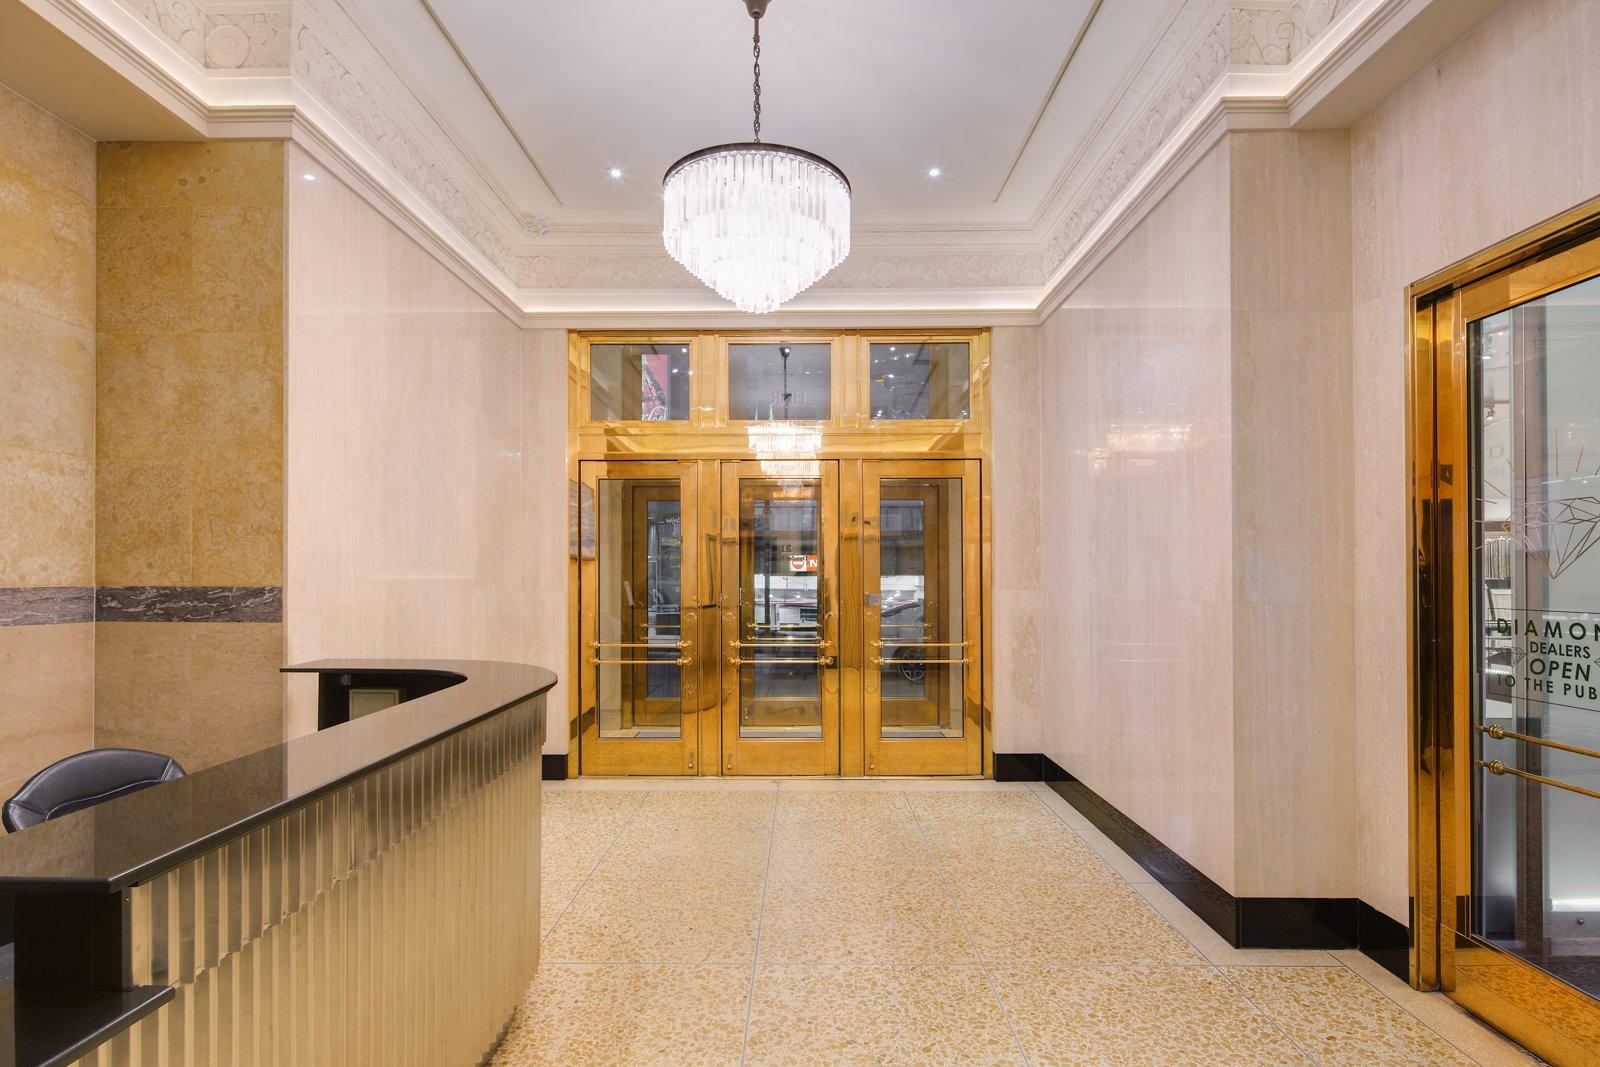 21 dundas foyer interior with chandelier